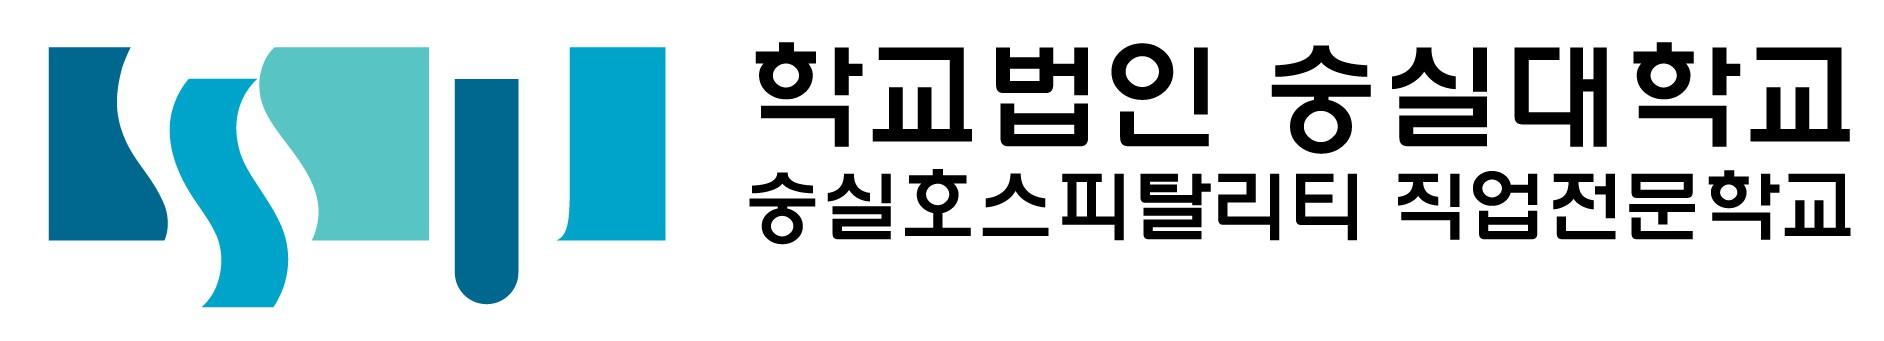 숭실호스피탈리티직업전문학교 로고.jpg